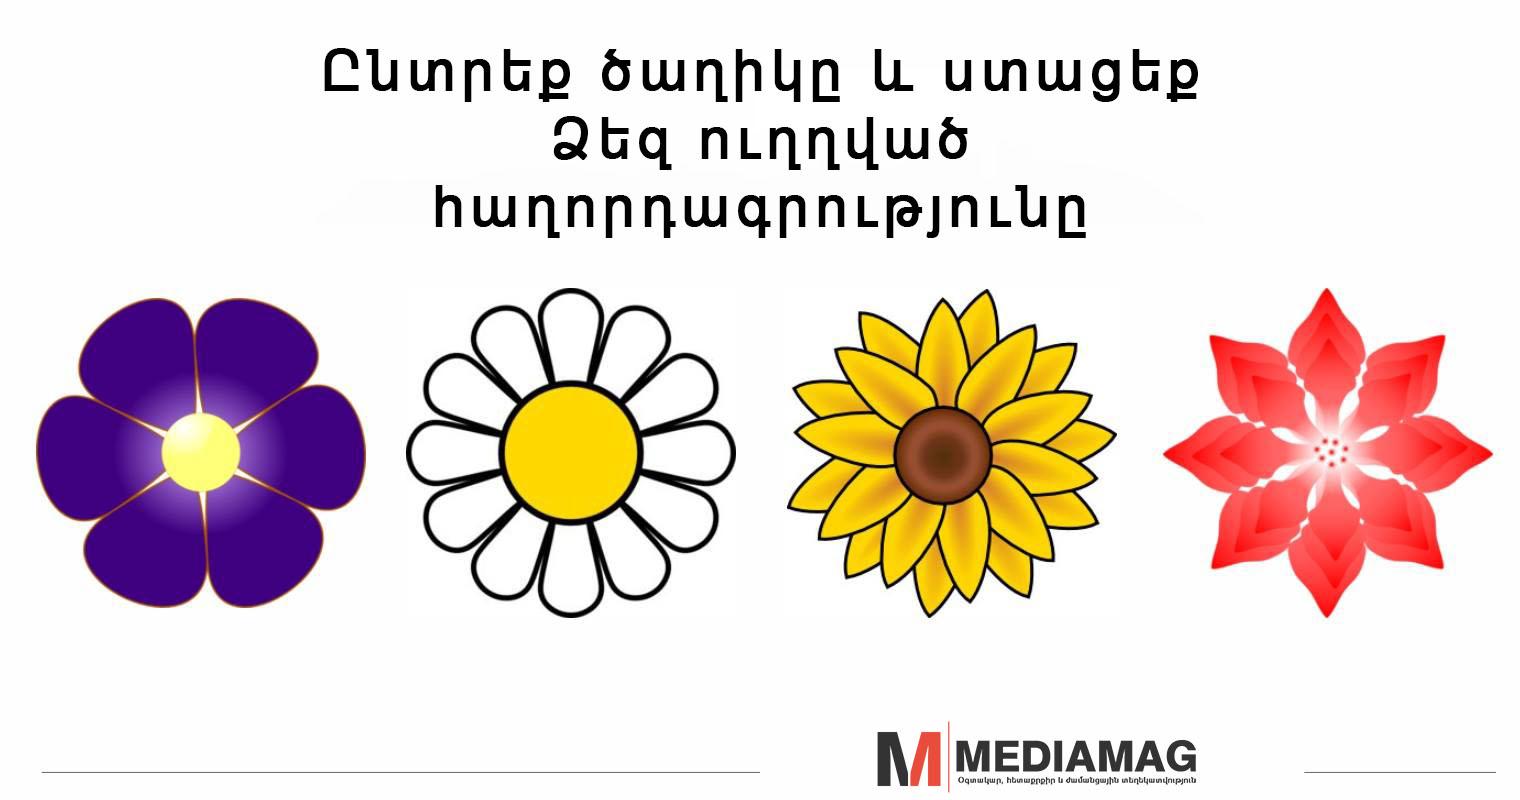 ԹԵՍՏ․ Ընտրելով ծաղիկը կստանաք Ձեզ ուղղված հաղորդագրությունը